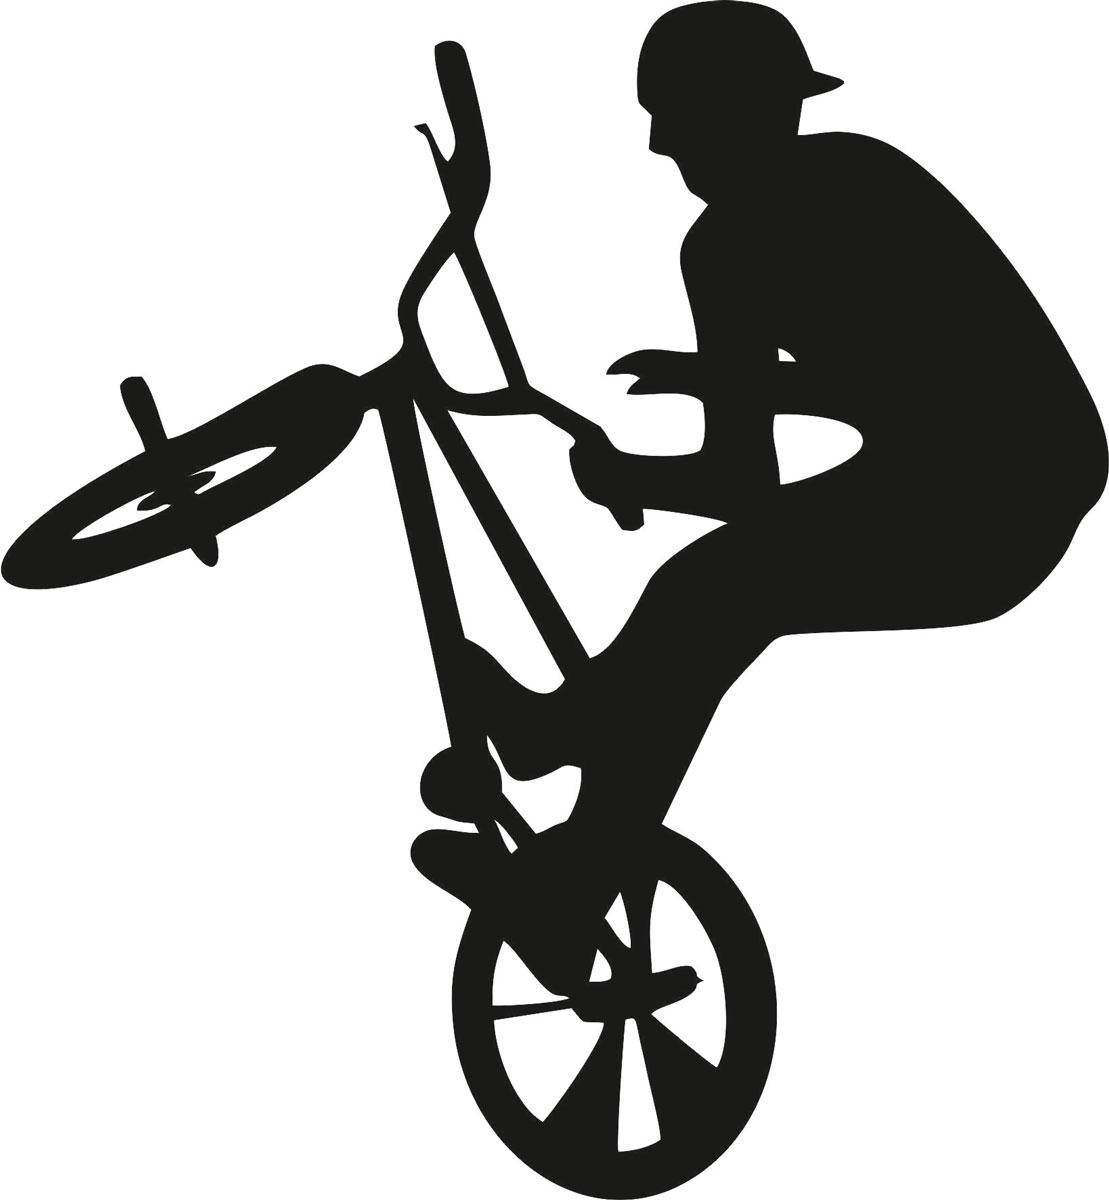 Наклейка автомобильная Оранжевый слоник Велосипедист, виниловая, цвет: черный150SP00029BОригинальная наклейка Оранжевый слоник Велосипедист изготовлена из высококачественной виниловой пленки, которая выполняет не только декоративную функцию, но и защищает кузов автомобиля от небольших механических повреждений, либо скрывает уже существующие.Виниловые наклейки на автомобиль - это не только красиво, но еще и быстро! Всего за несколько минут вы можете полностью преобразить свой автомобиль, сделать его ярким, необычным, особенным и неповторимым!